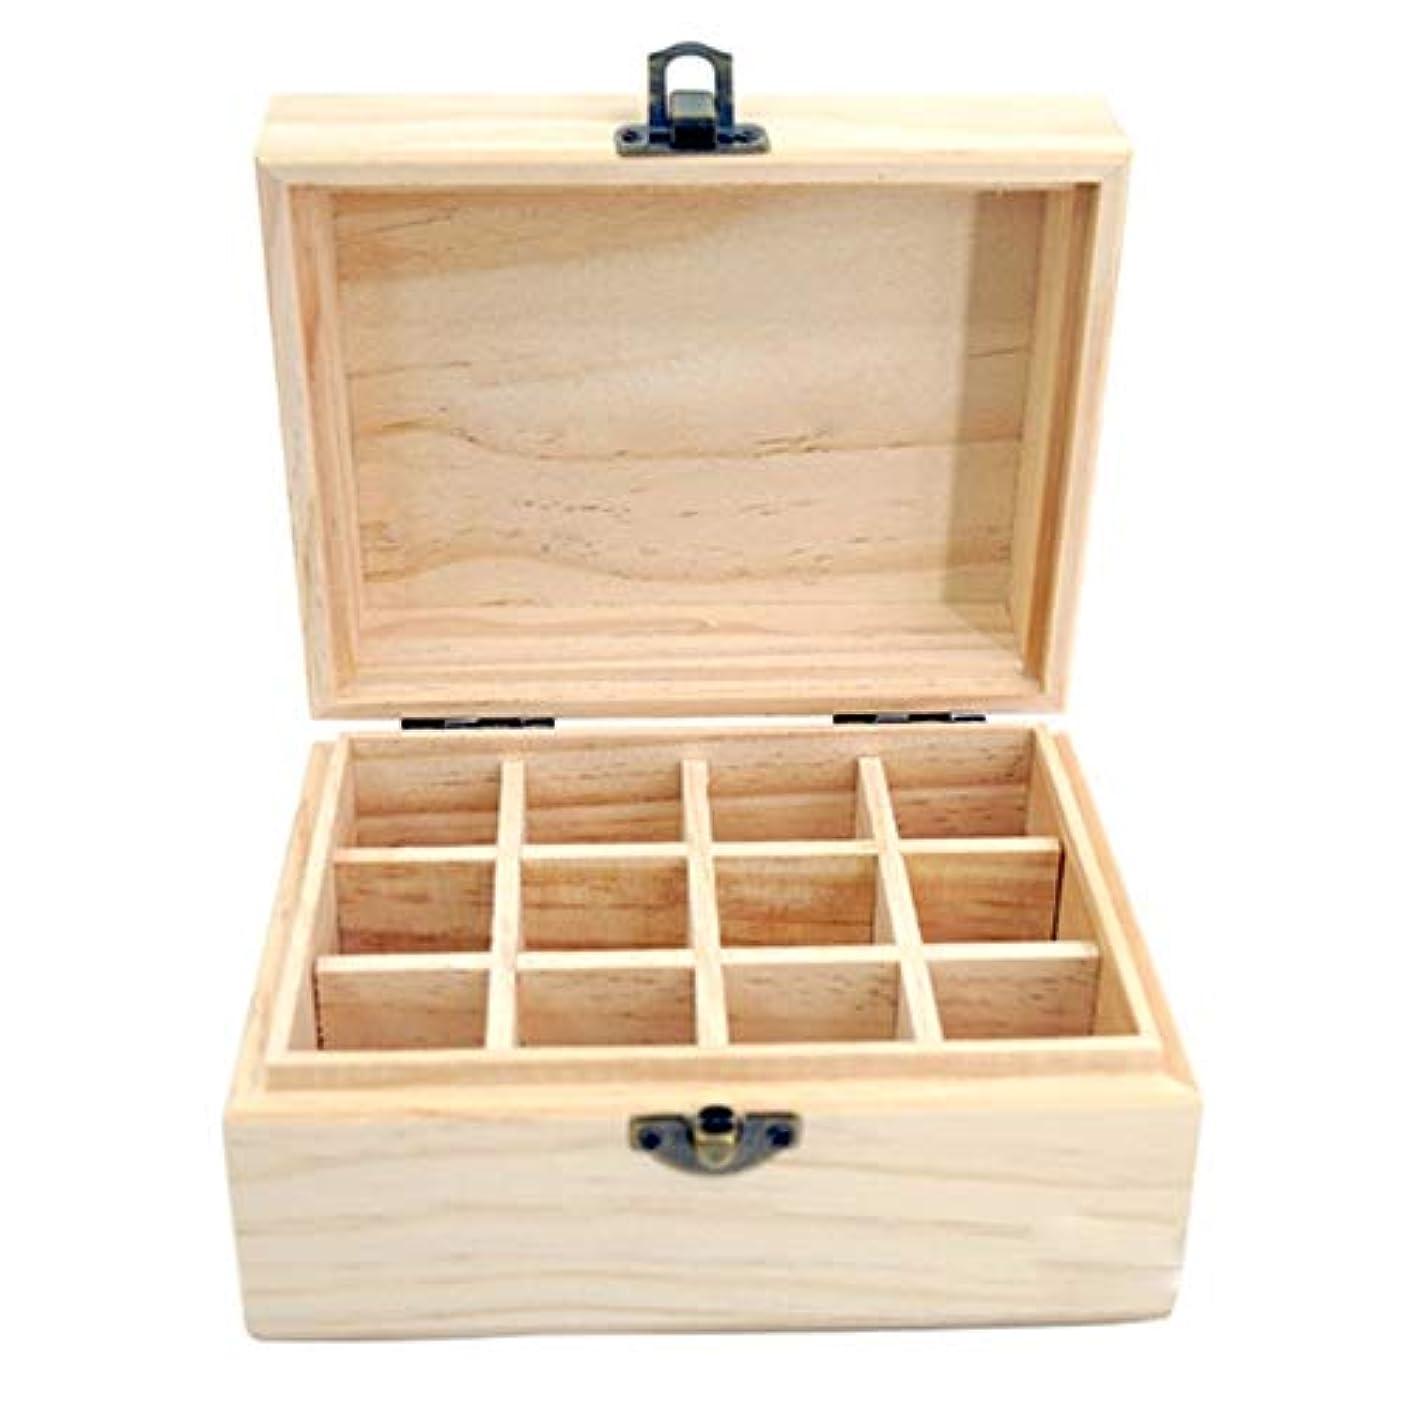 ダニ擬人化スーツエッセンシャルオイルボックス 12スロットは、あなたが油木製収納ボックスのオイルのセキュリティを保護することができます アロマセラピー収納ボックス (色 : Natural, サイズ : 15X11.5X8CM)